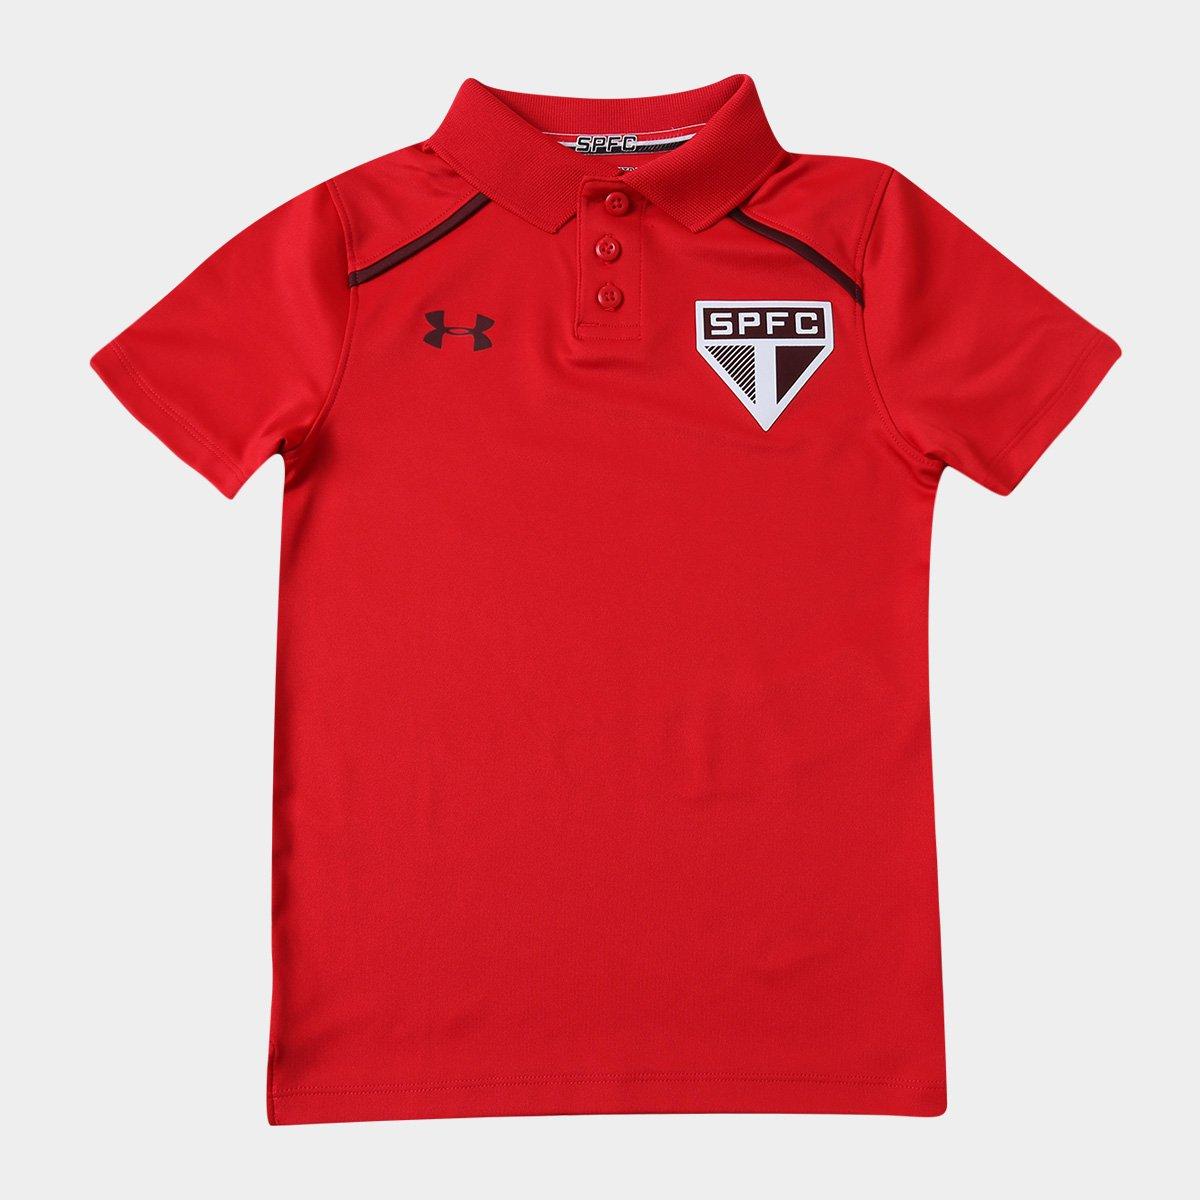 Camisa Polo Infantil São Paulo Under Armour 17 18 Core - Vermelho ... 21dd7d988843e